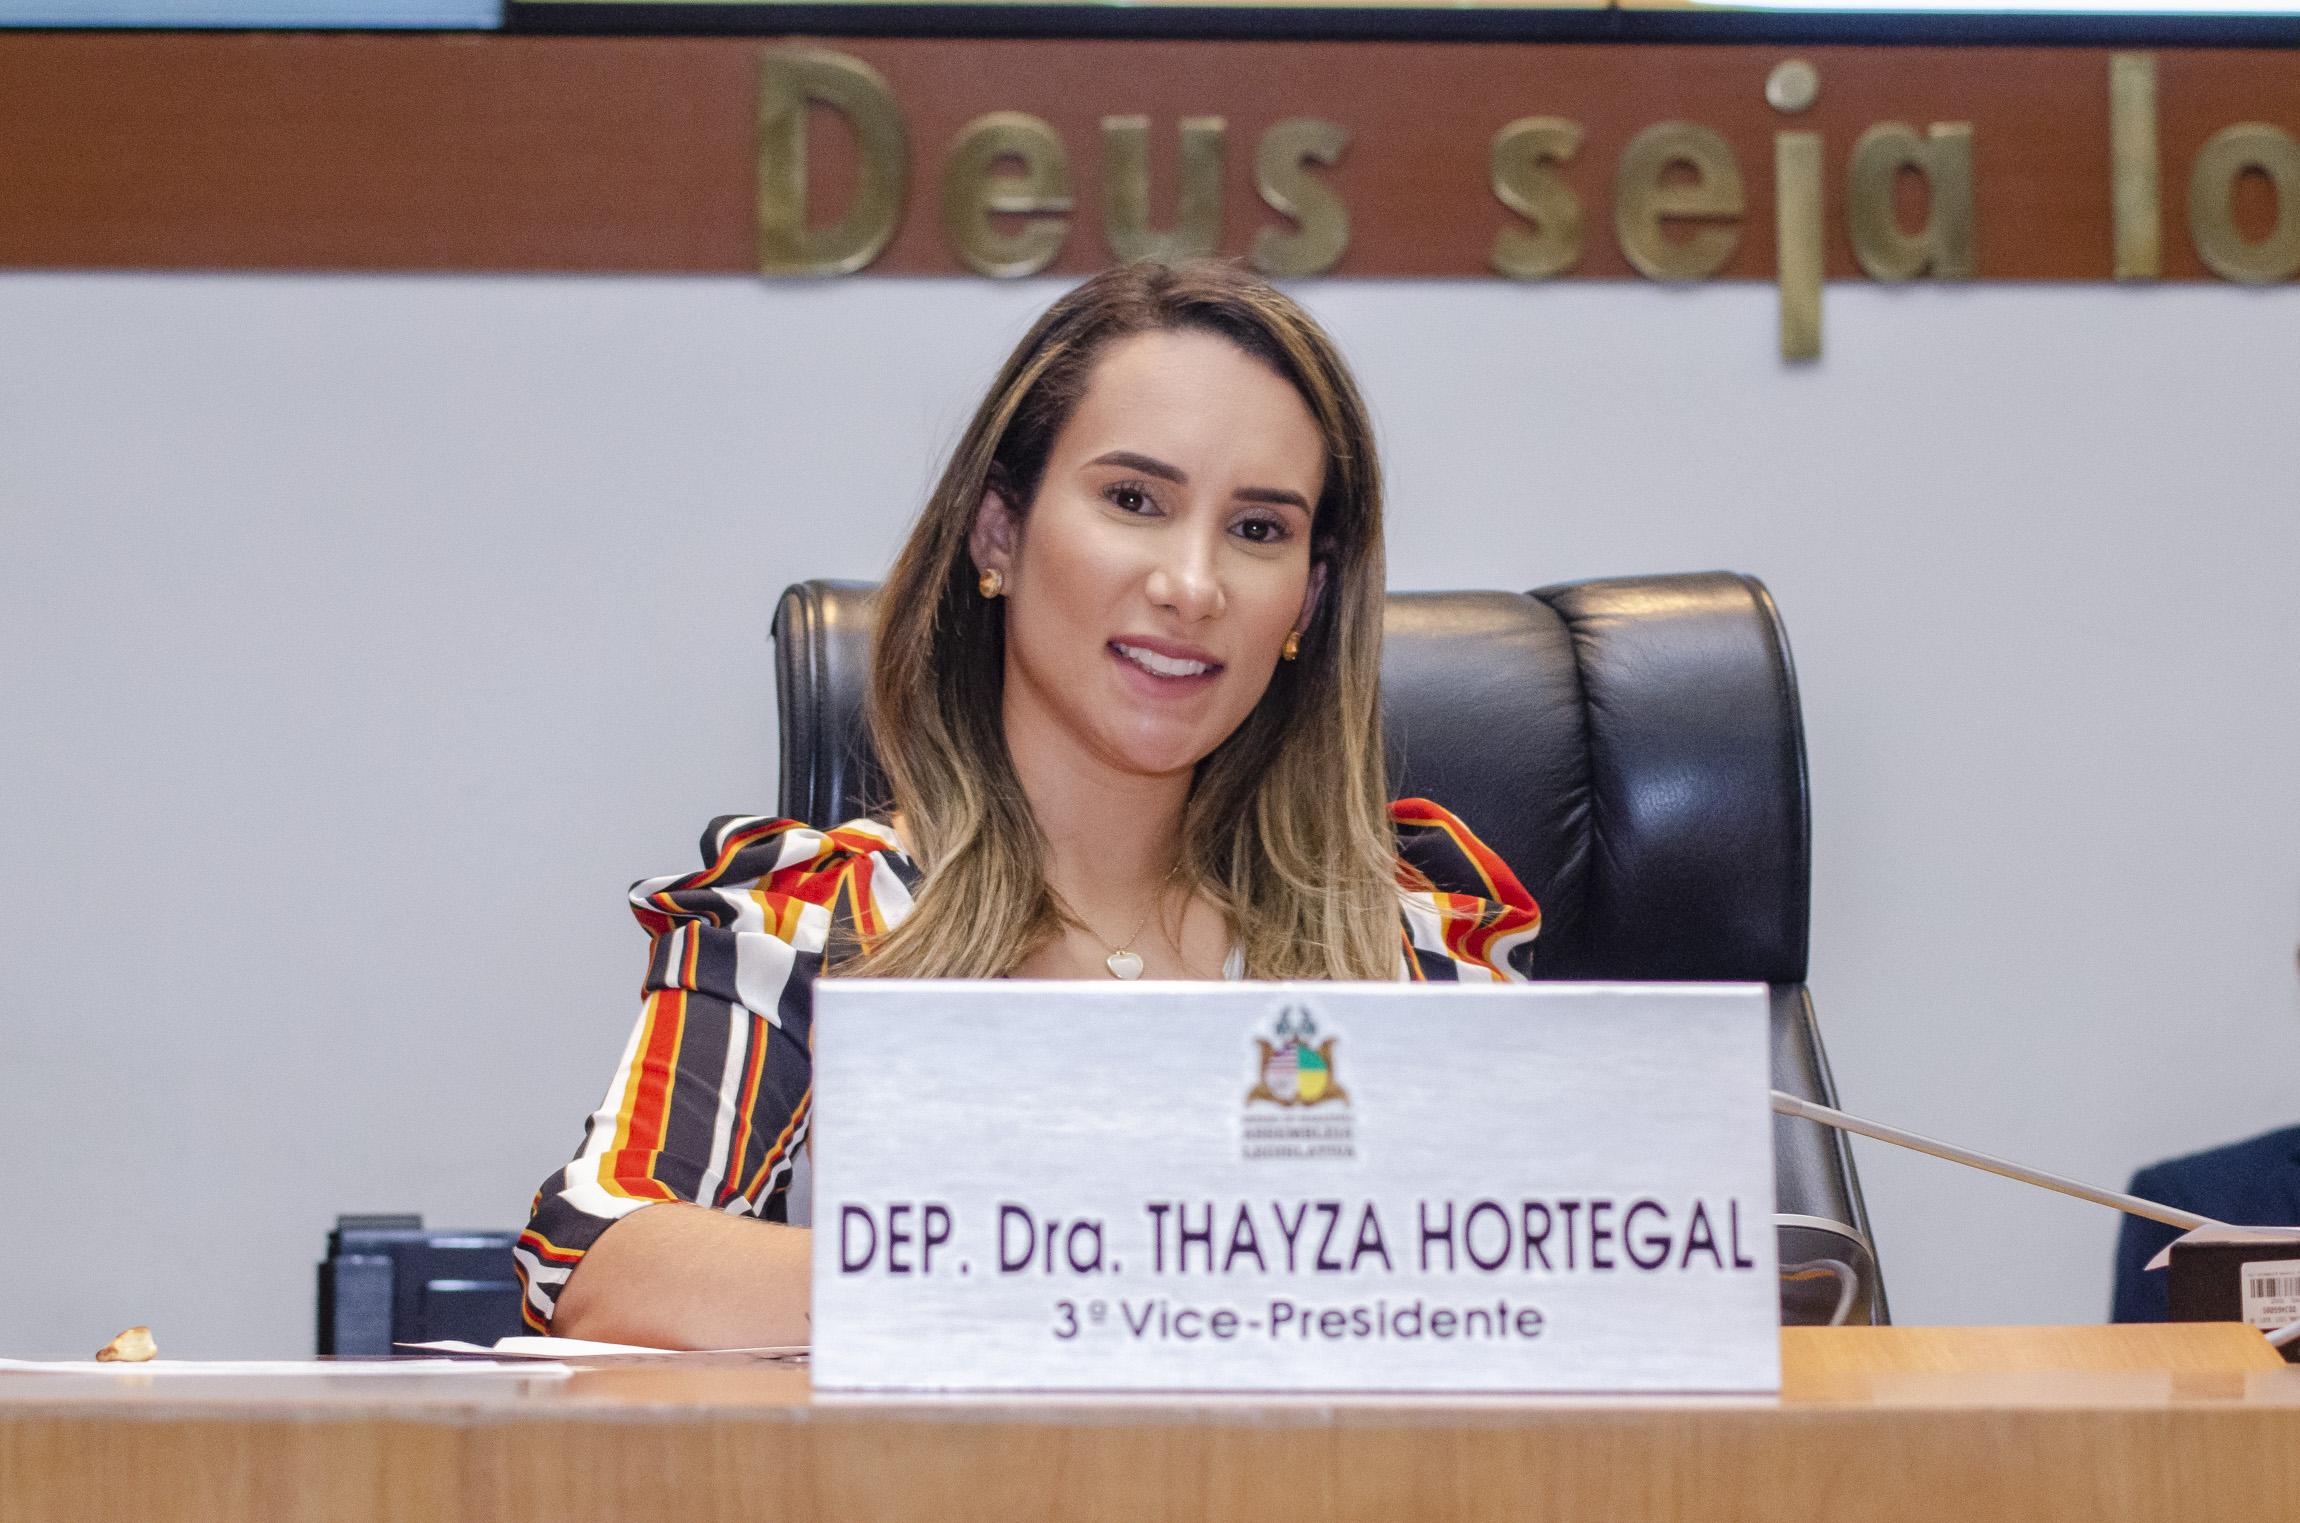 Por Indicação de Thaiza Hortegal, secretário confirma recuperação de trecho de MA em Chapadinha